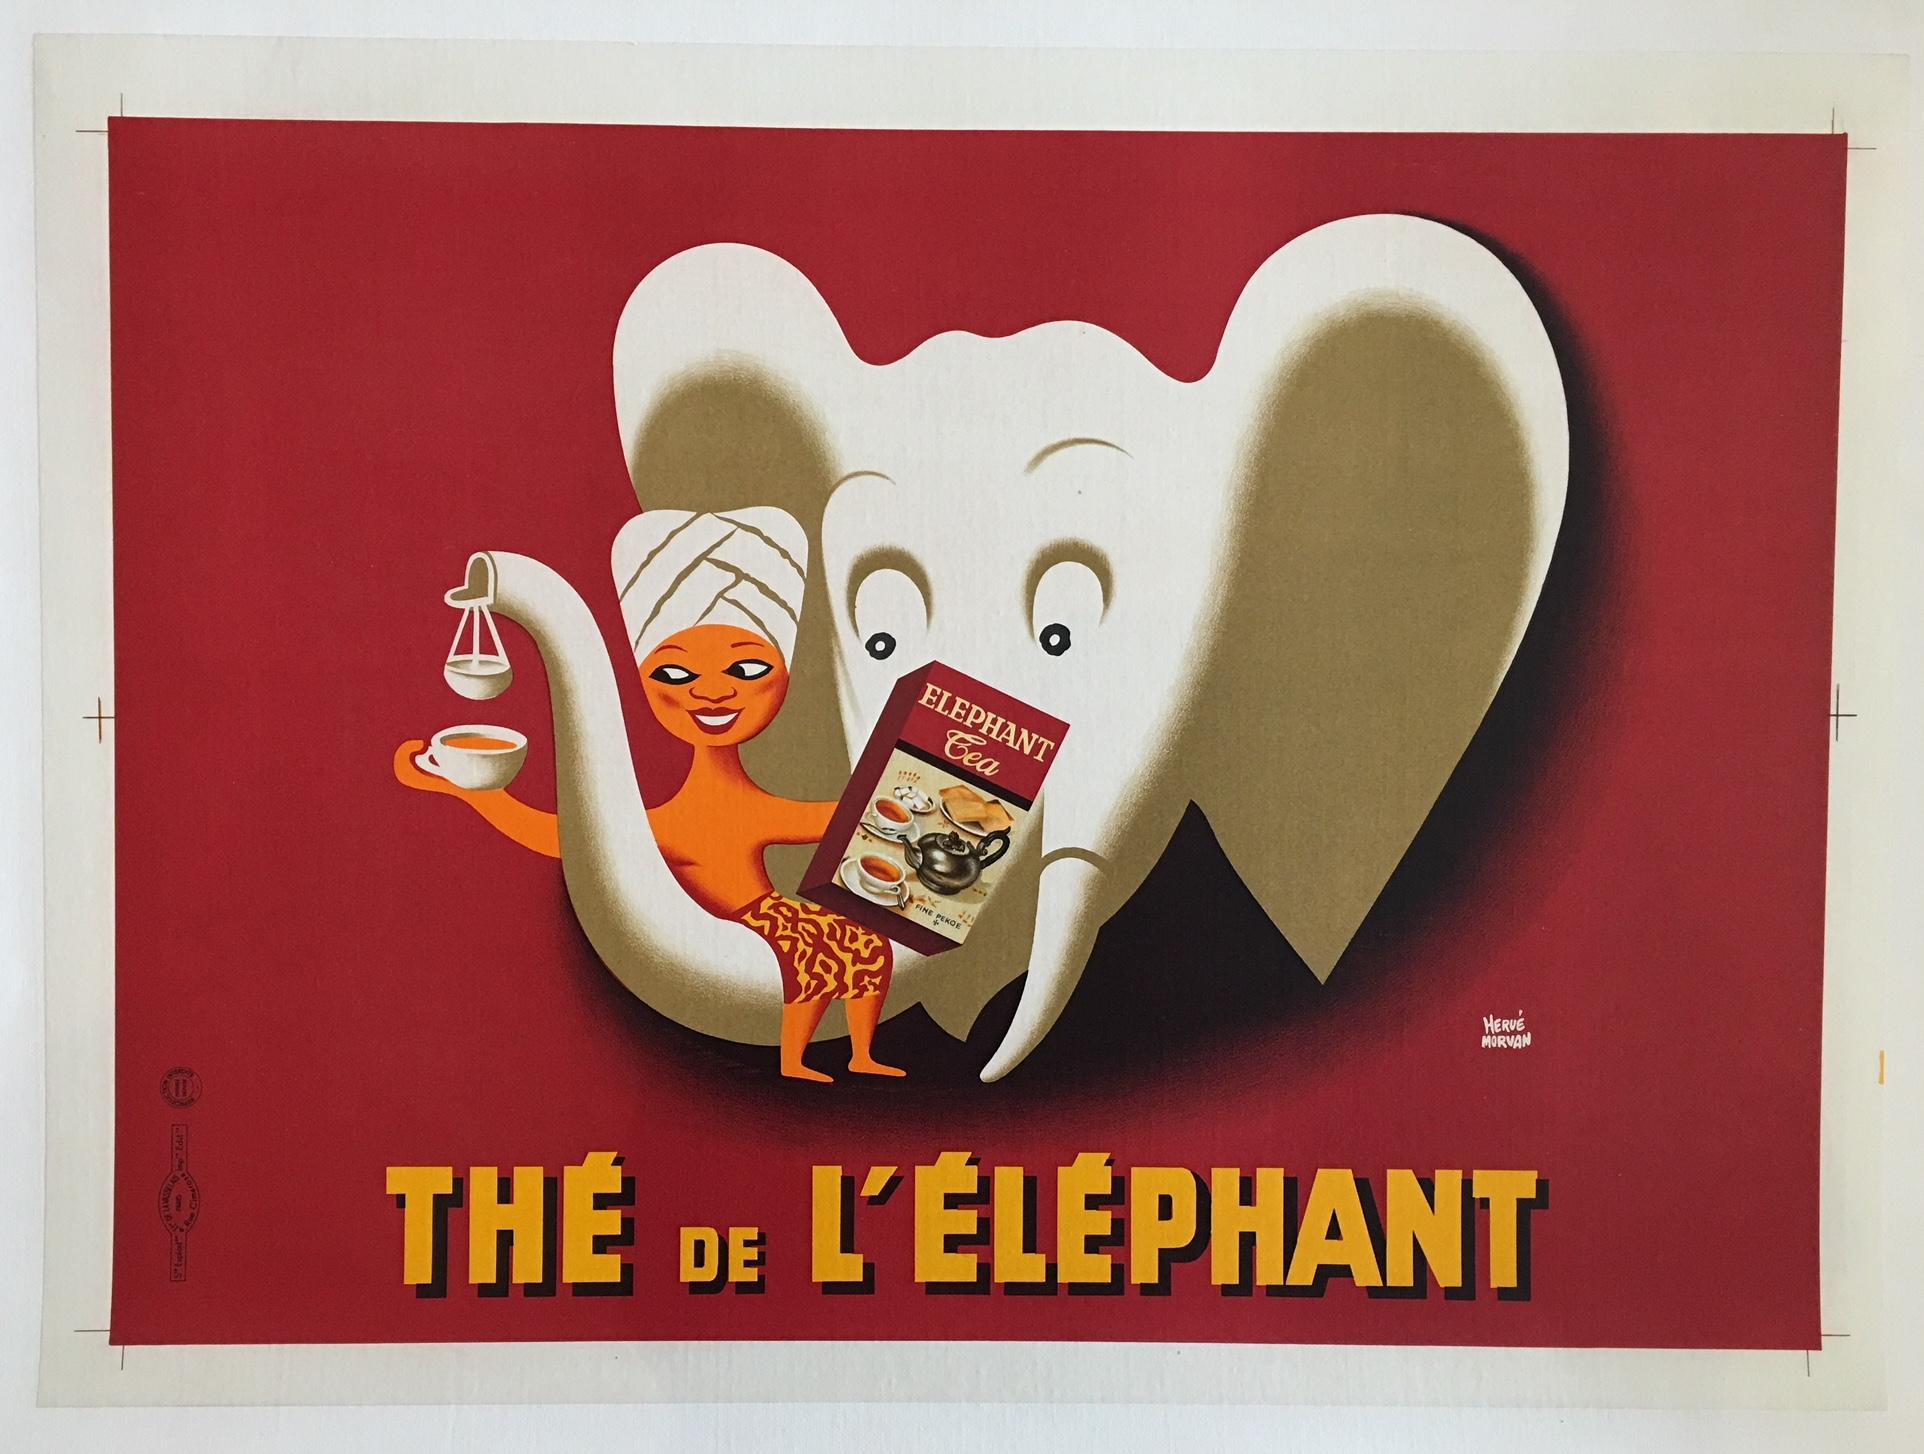 The de L'e'ephant by Herve Morvan Original Vintage Poster